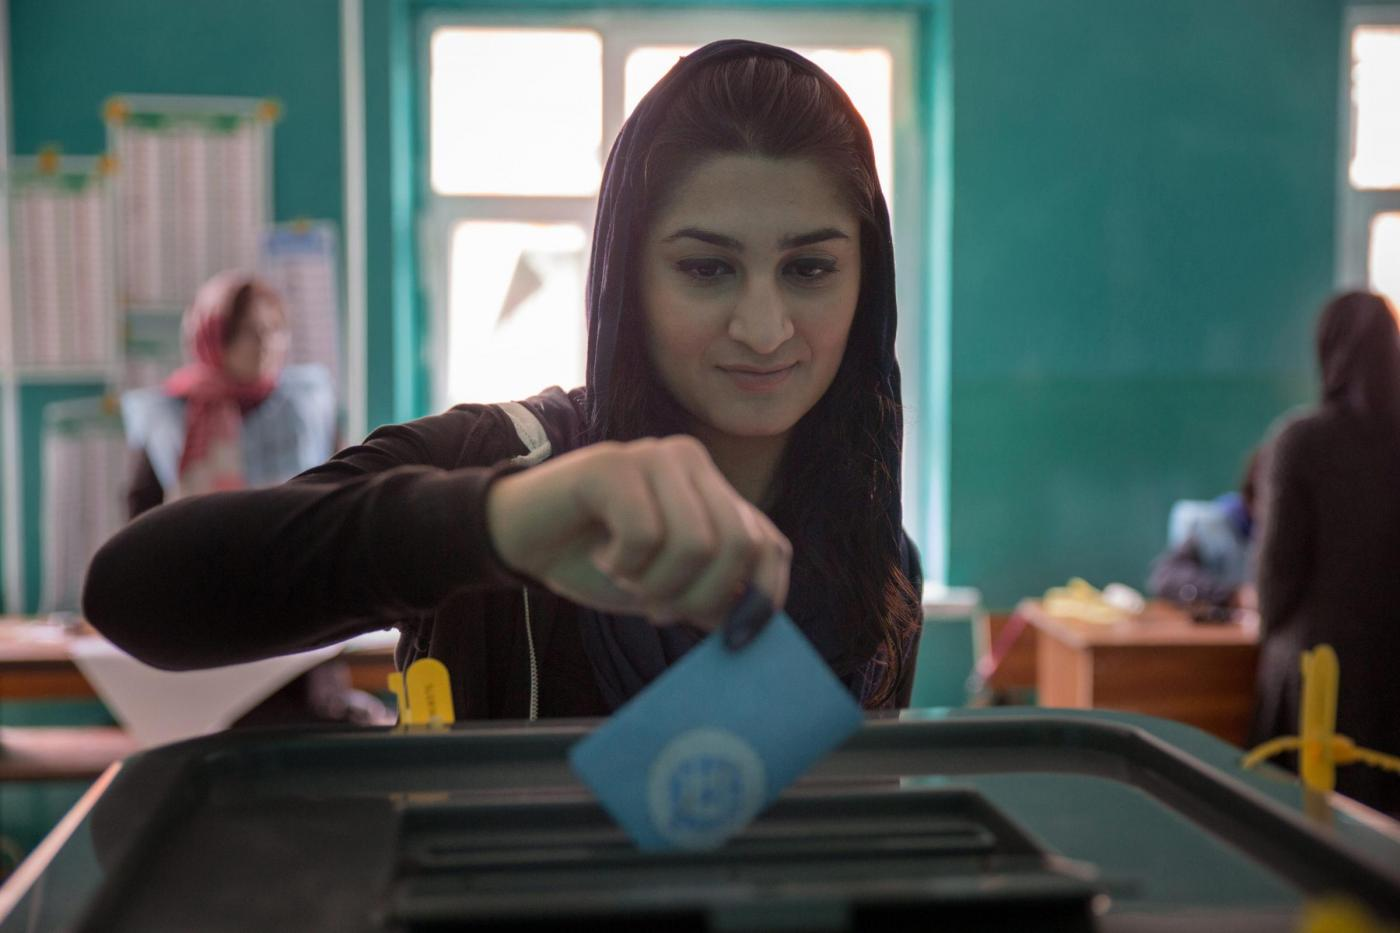 Donne Afghane, Viaggio nella vita quotidiana